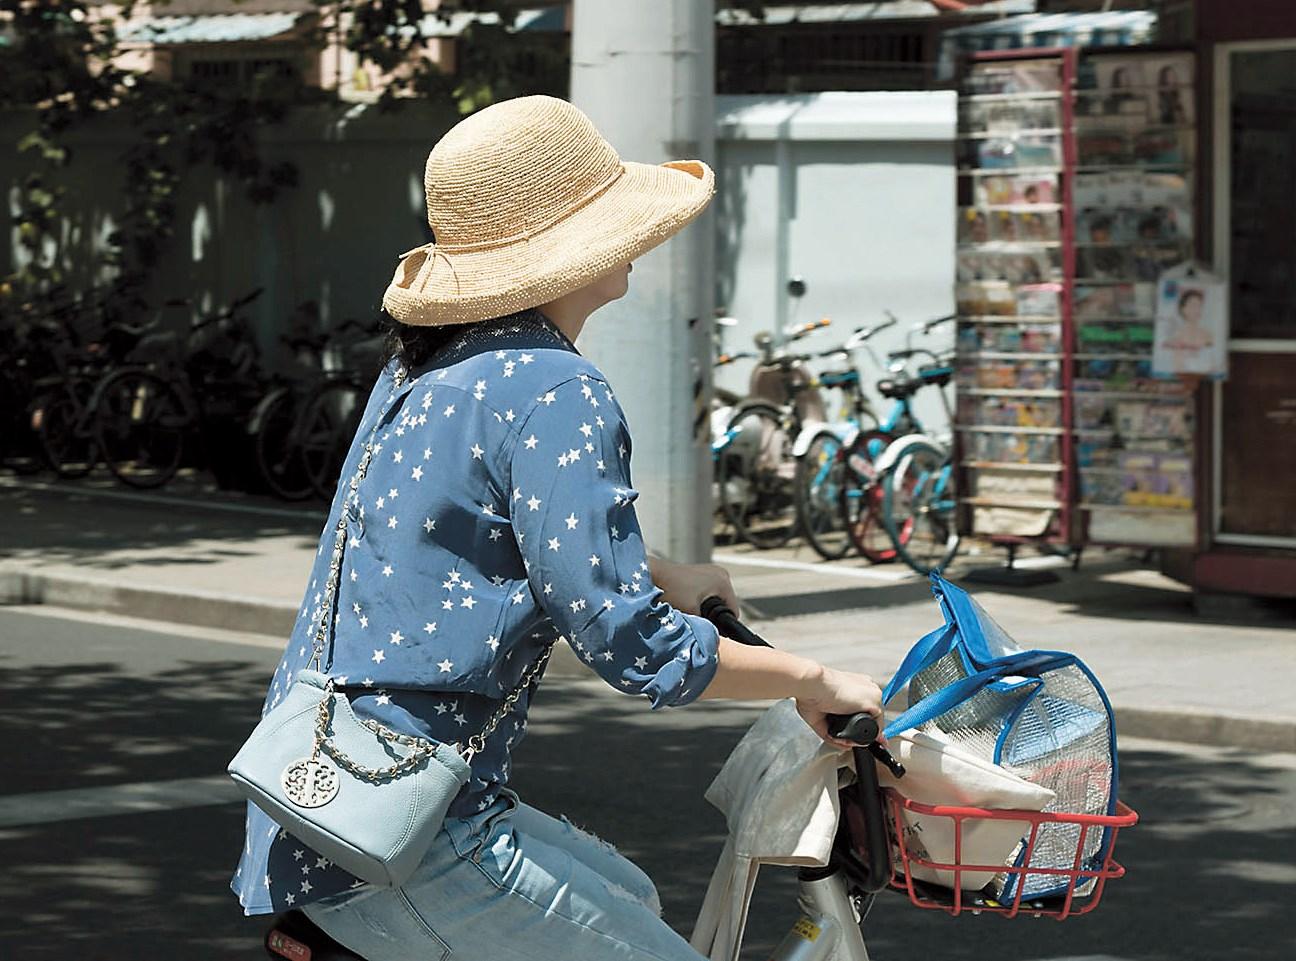 Biking is increasingly becoming a way of life in Shanghai. — Lisa Van der Wath